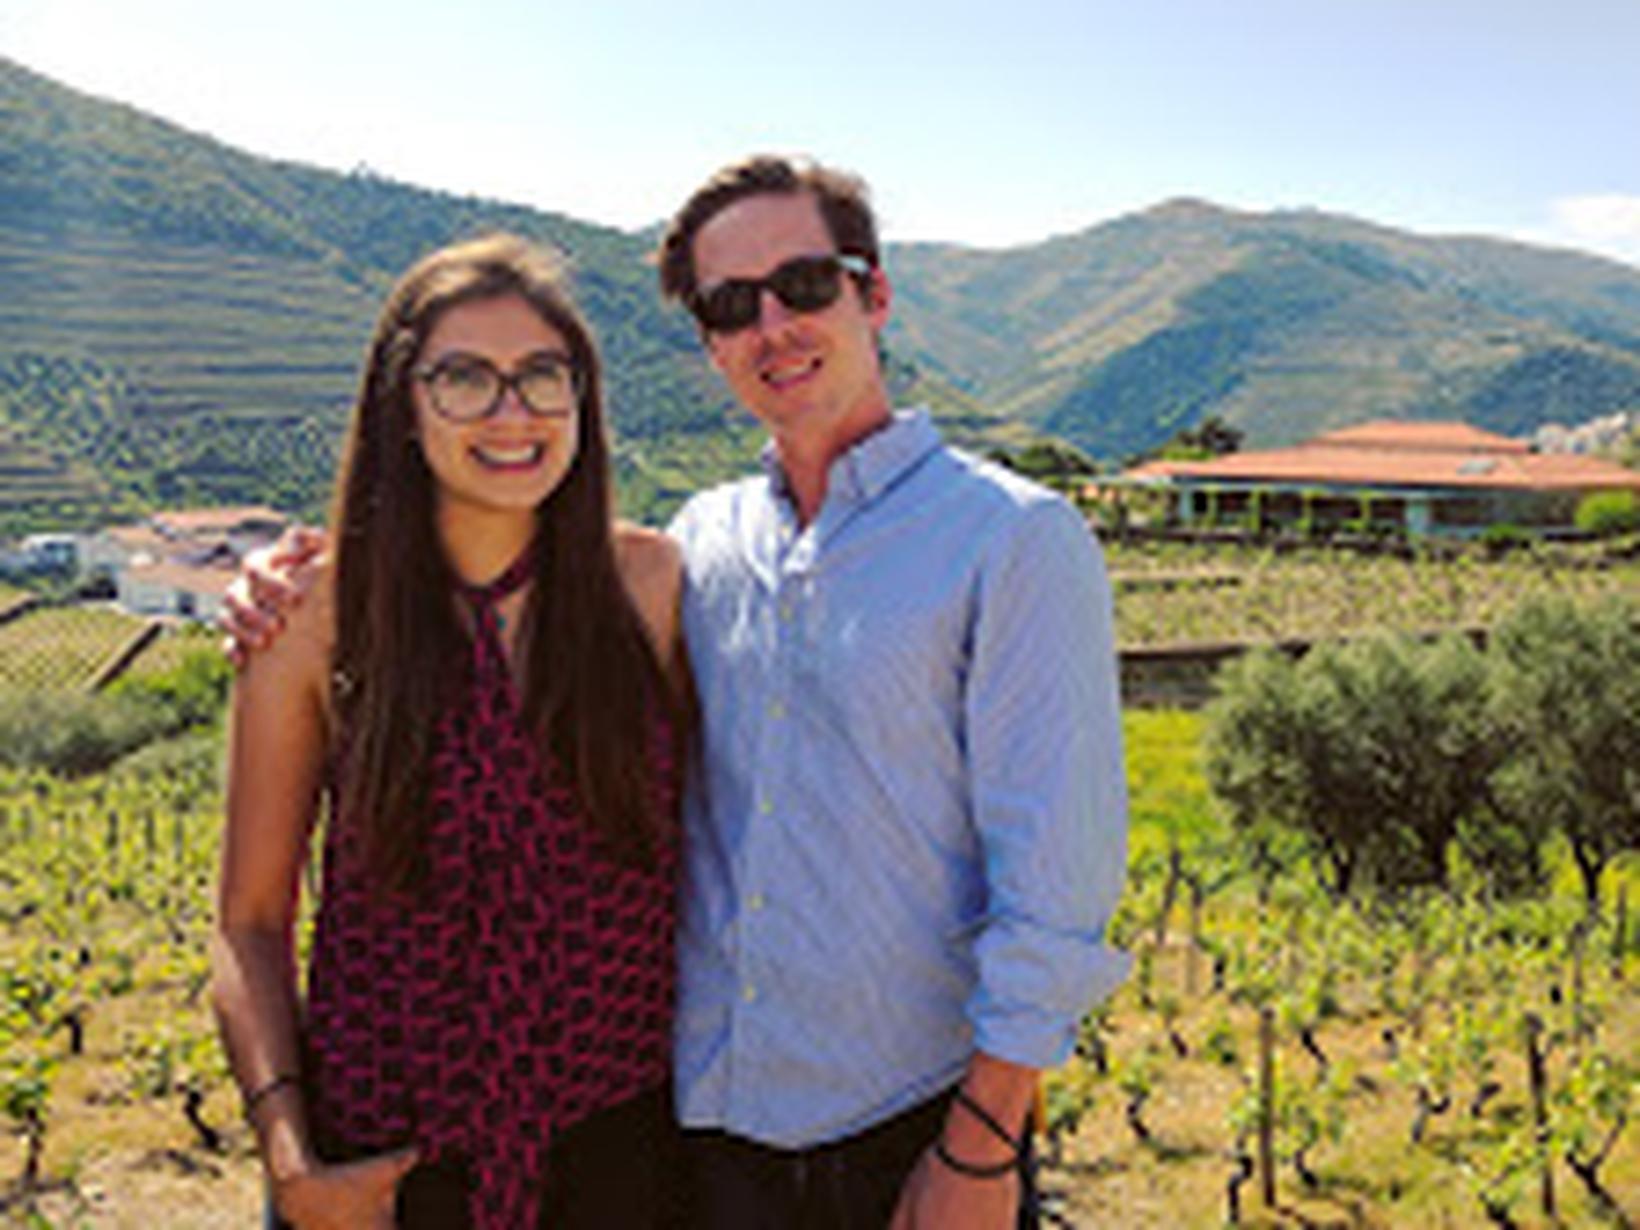 Alondra & John from Magdeburg, Germany